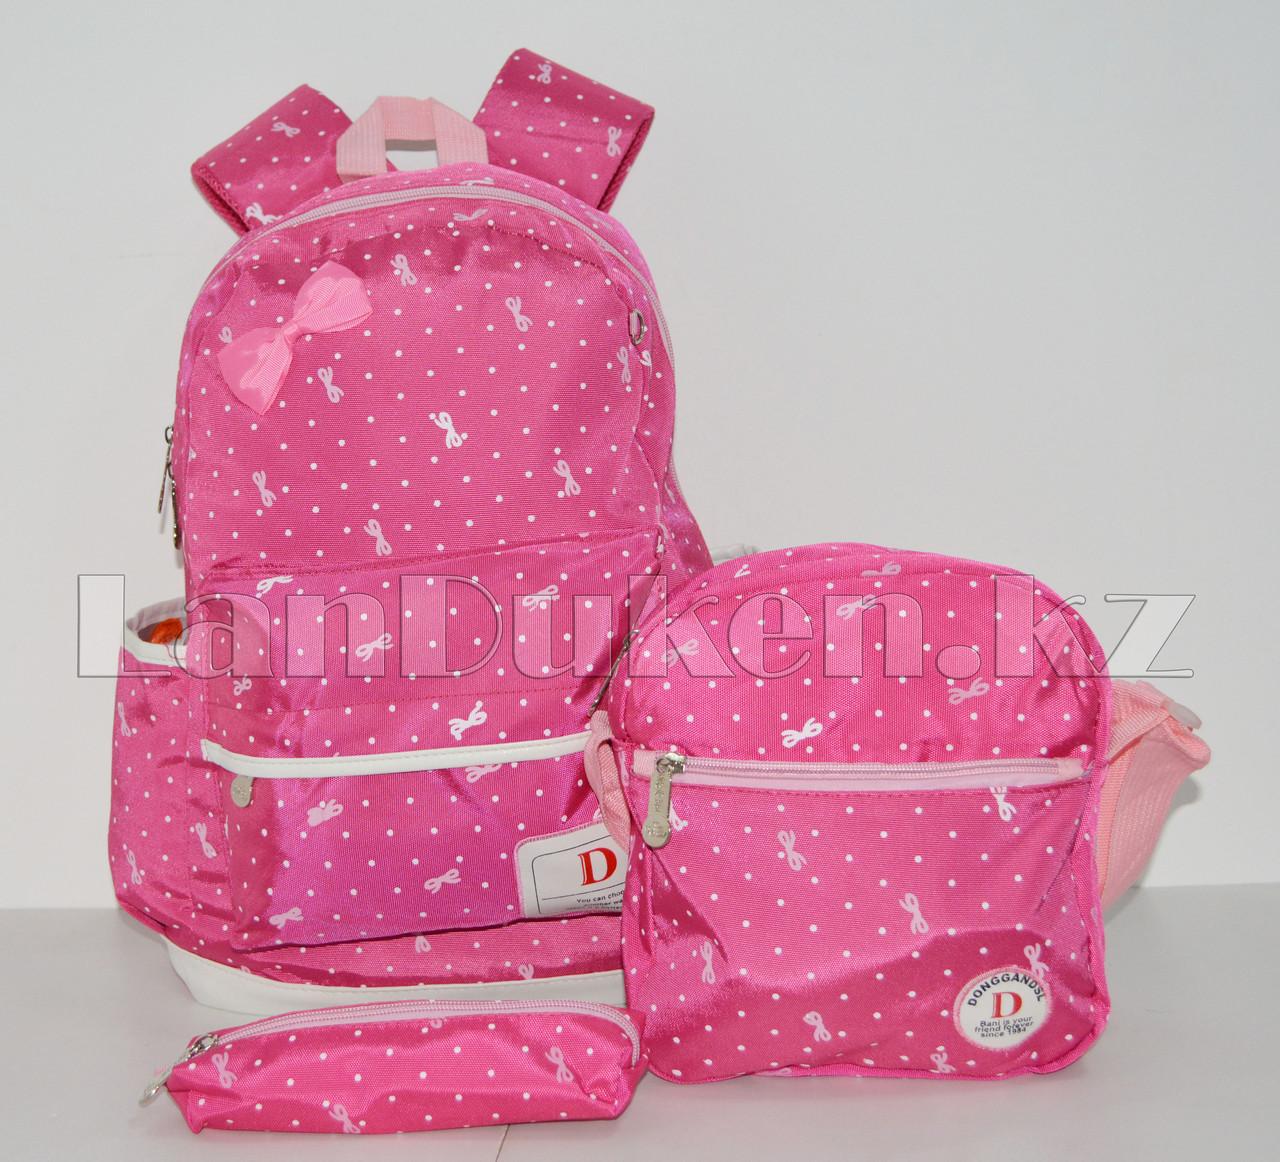 Рюкзак для начальных классов, для школьниц 3 в 1 (розовый) - фото 4